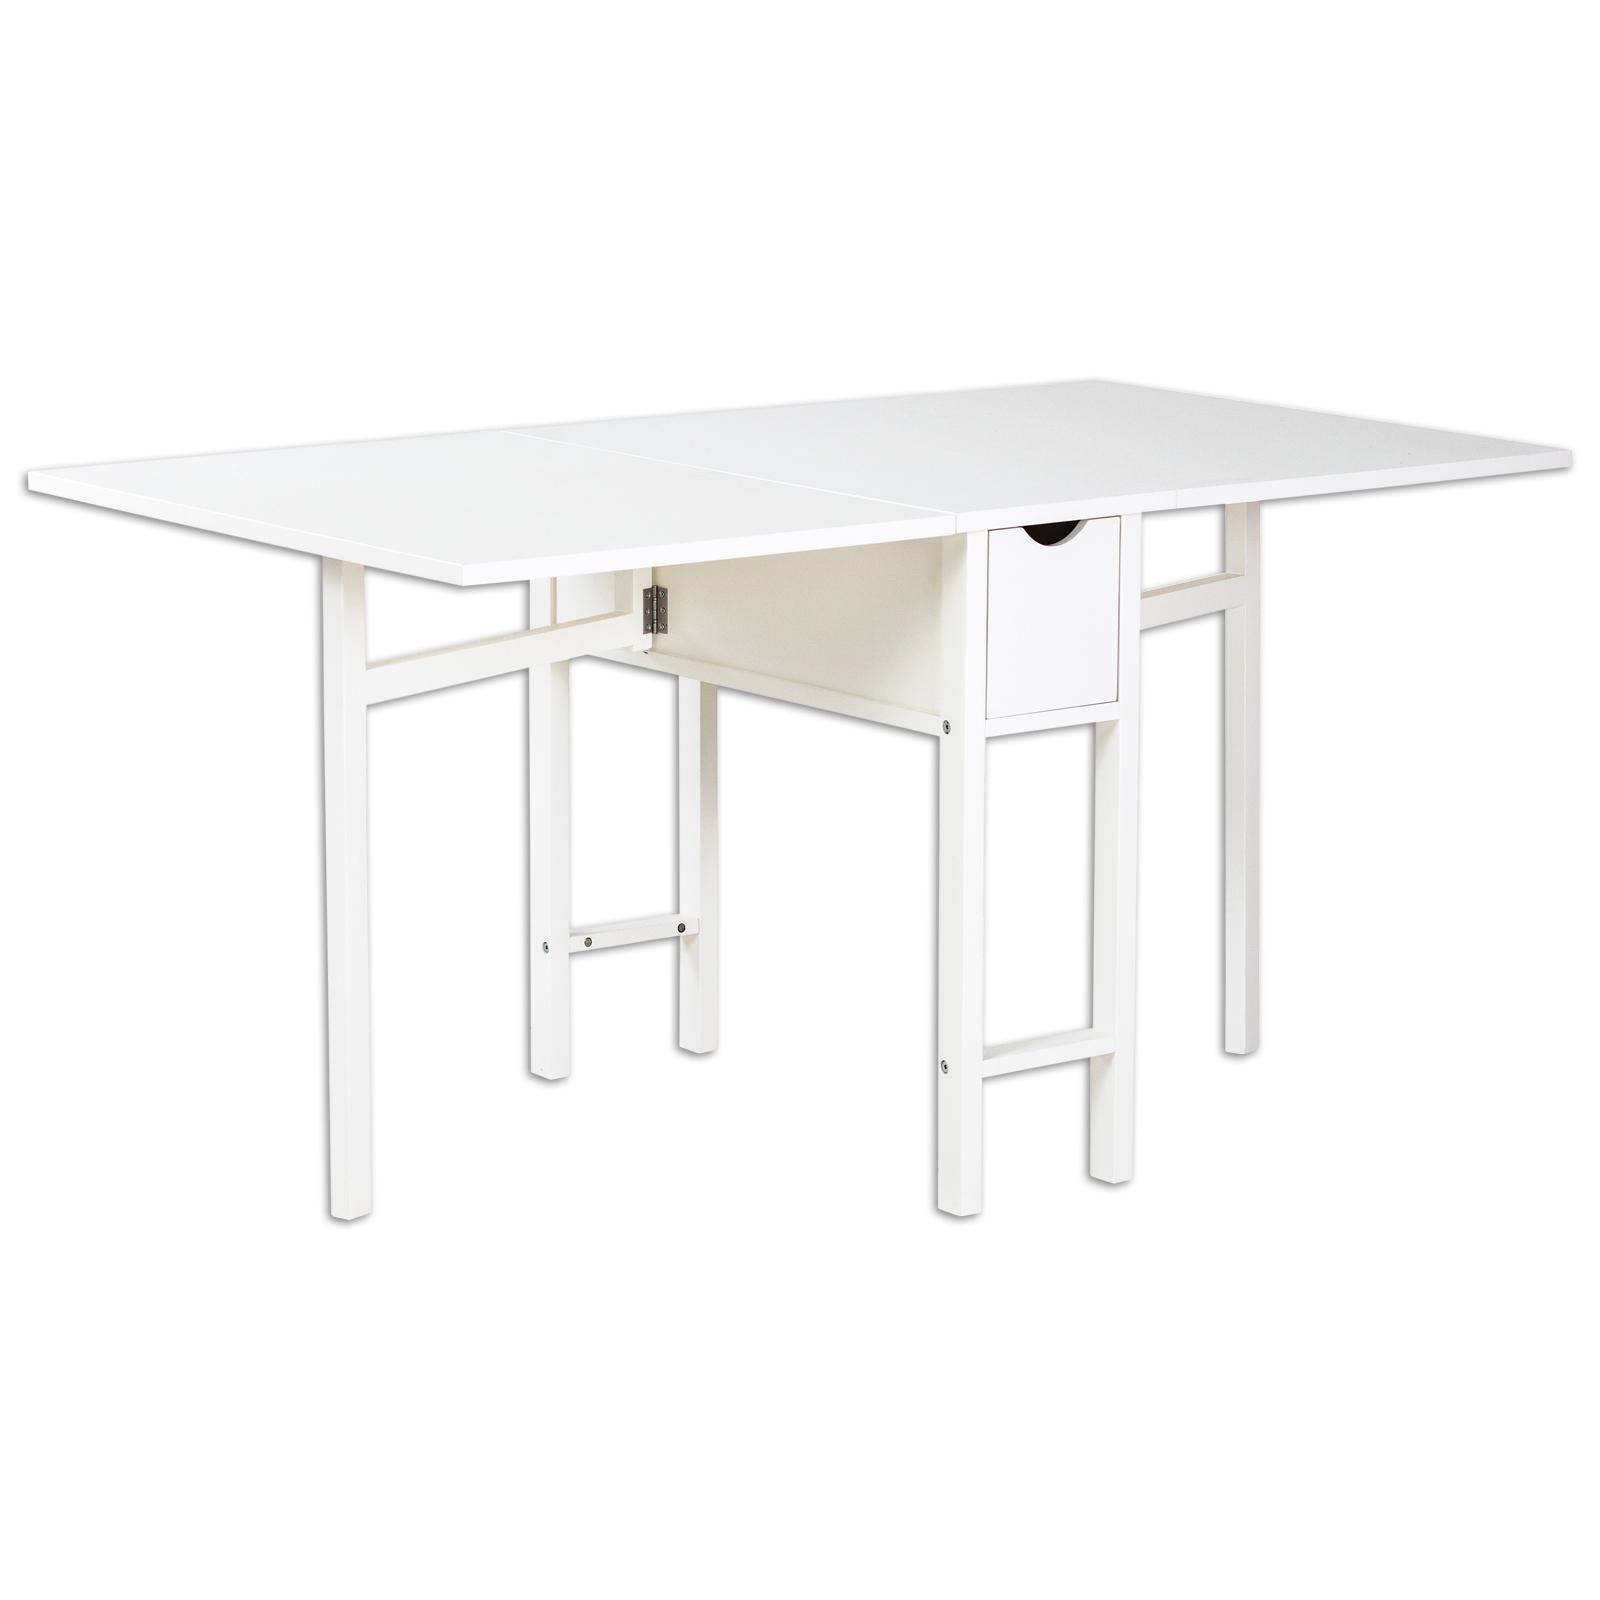 Tisch Klappbar Weiß.Esstisch Weiß Klappbar